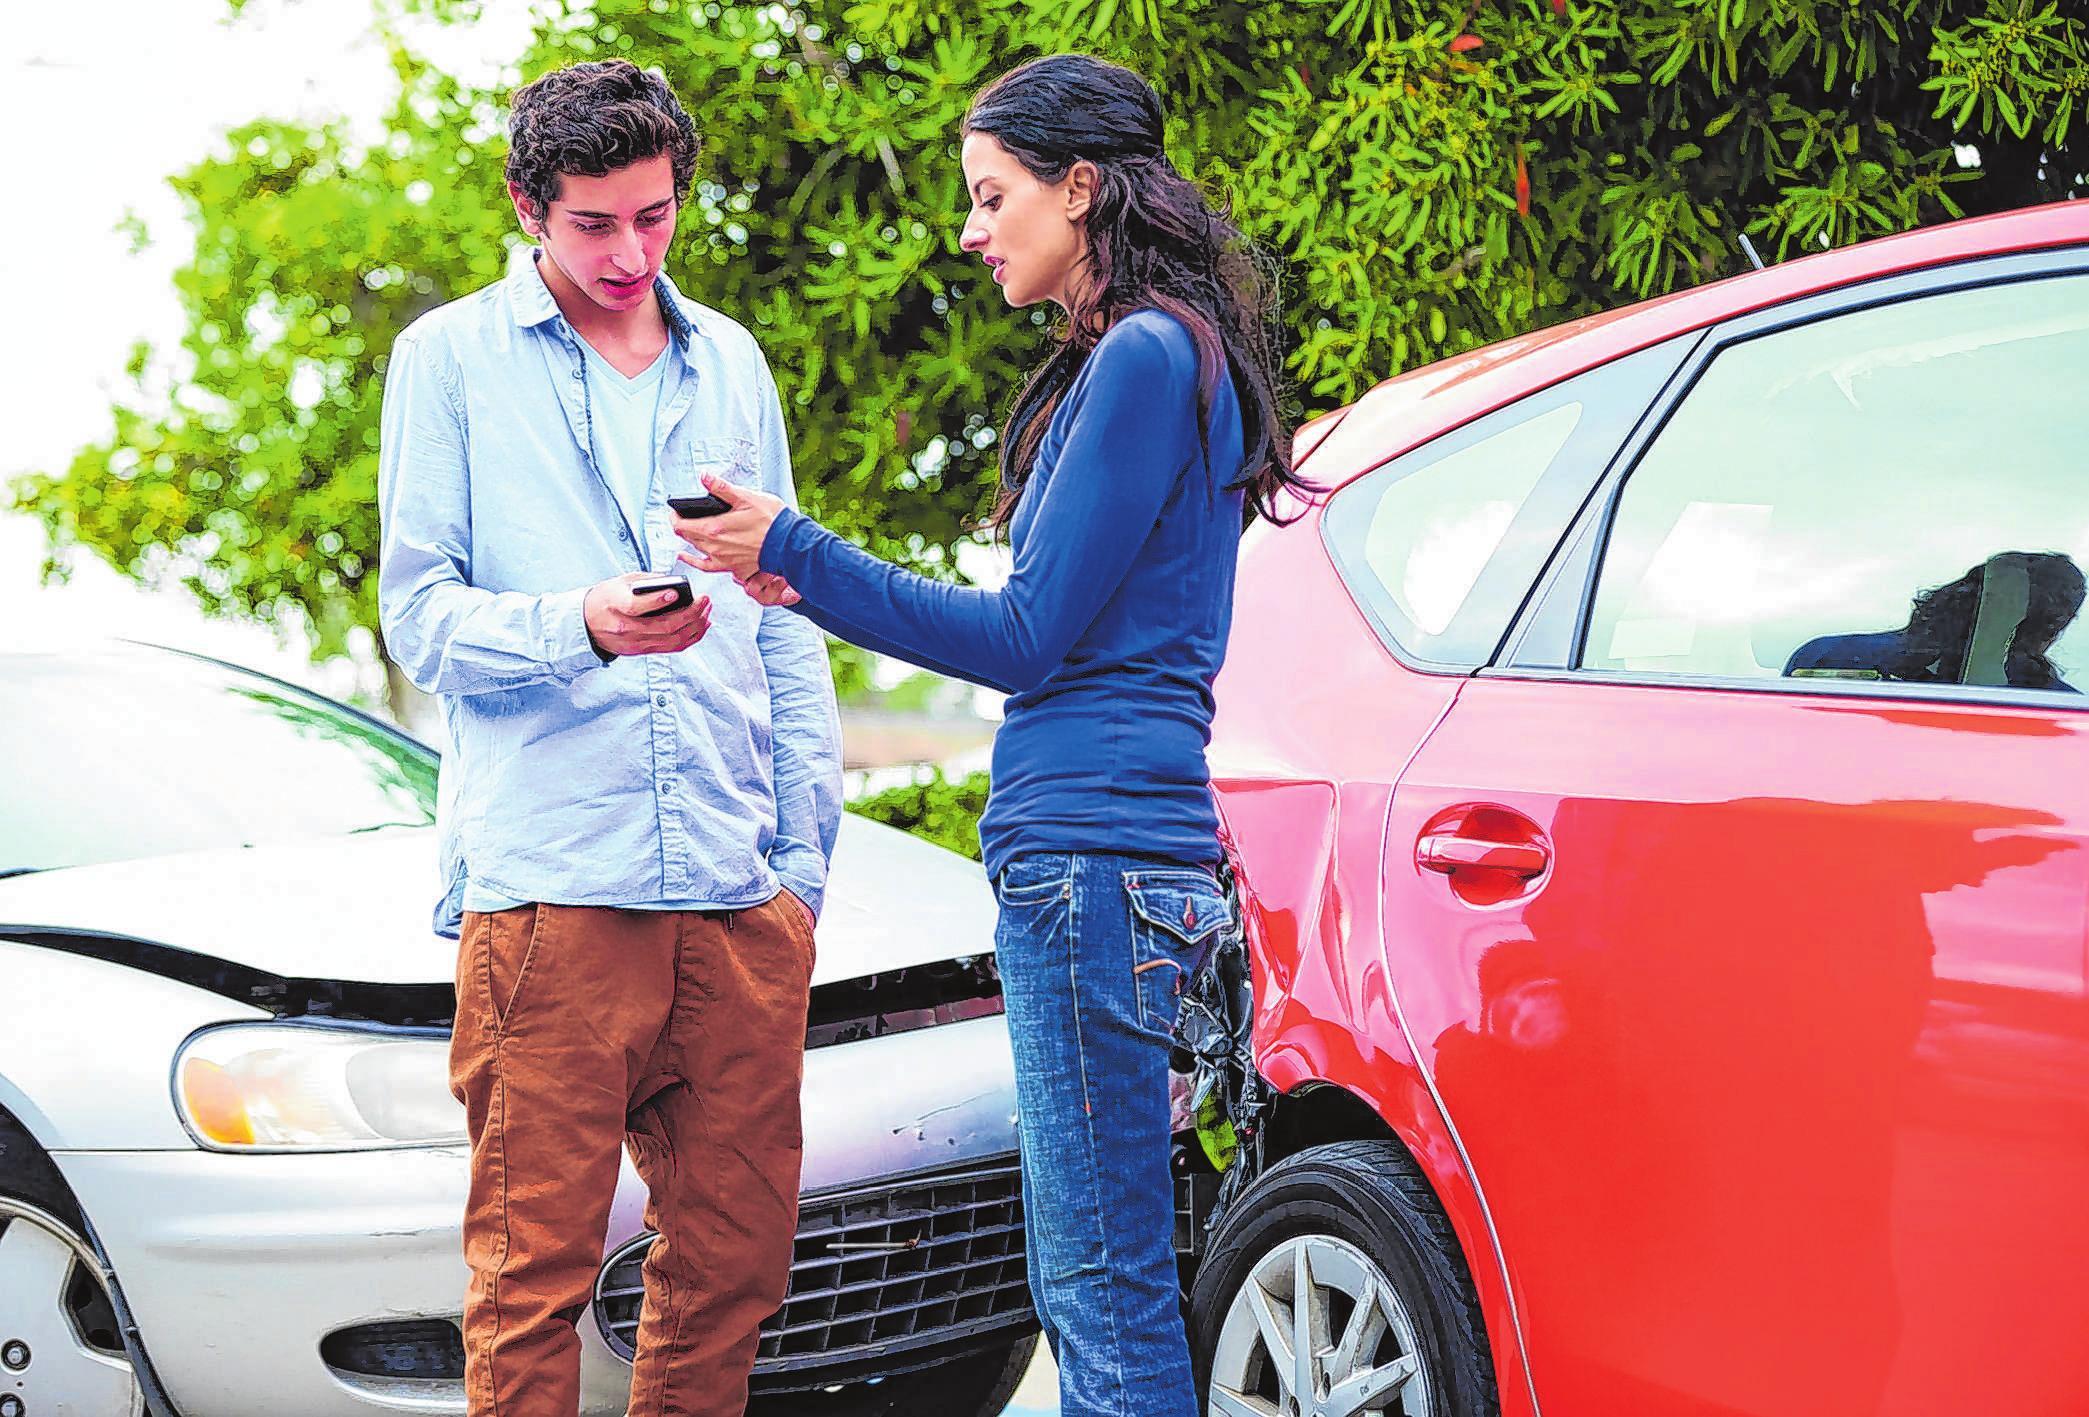 Eine Schaden-App kann bei einem Unfall alle Informationen übermittenln. Foto: C.Yeulet/123rf.com/barmenia